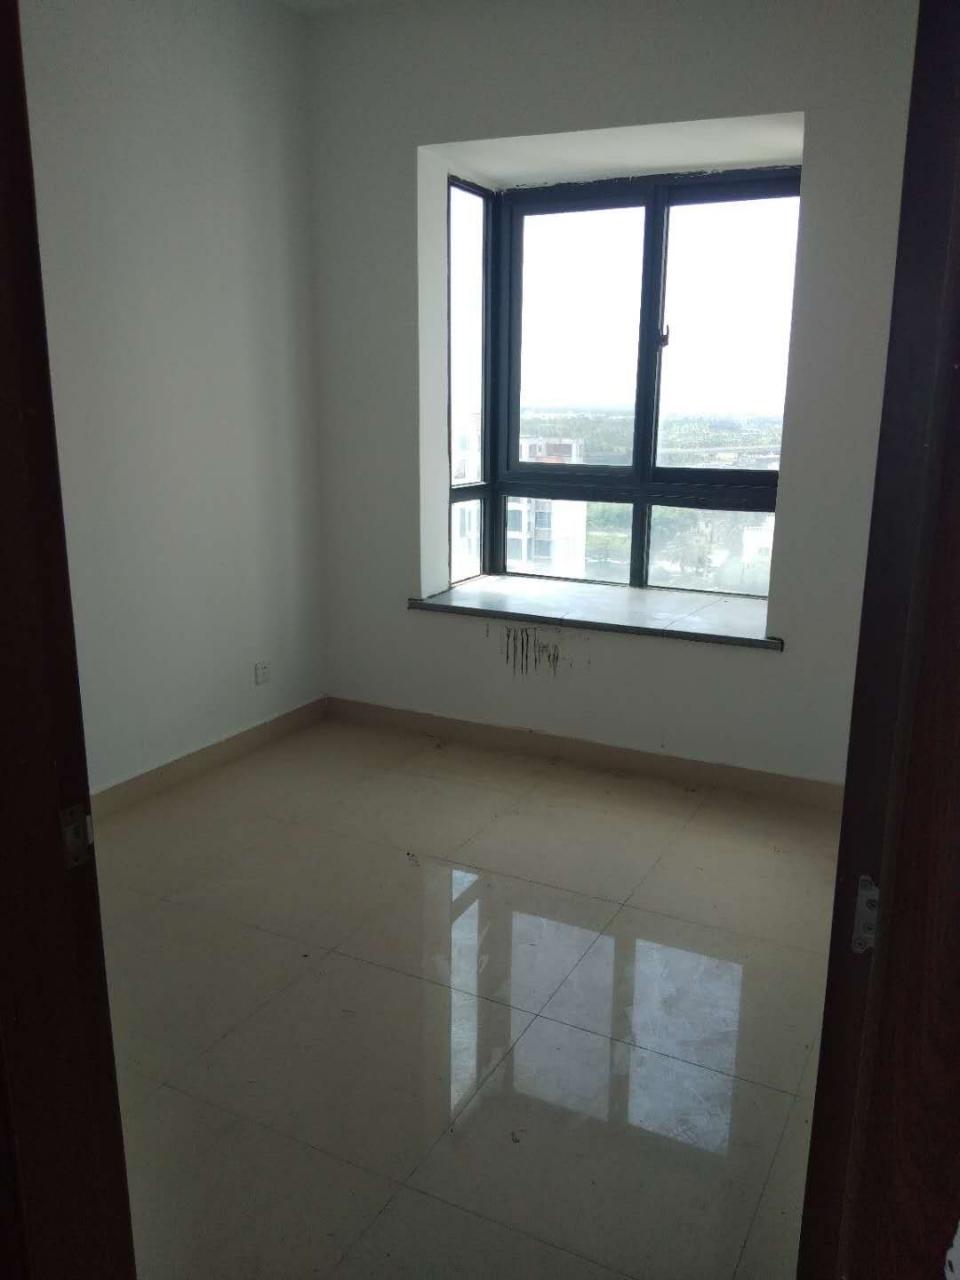 银川众一家园+环境优美的小区+电梯房+可按揭